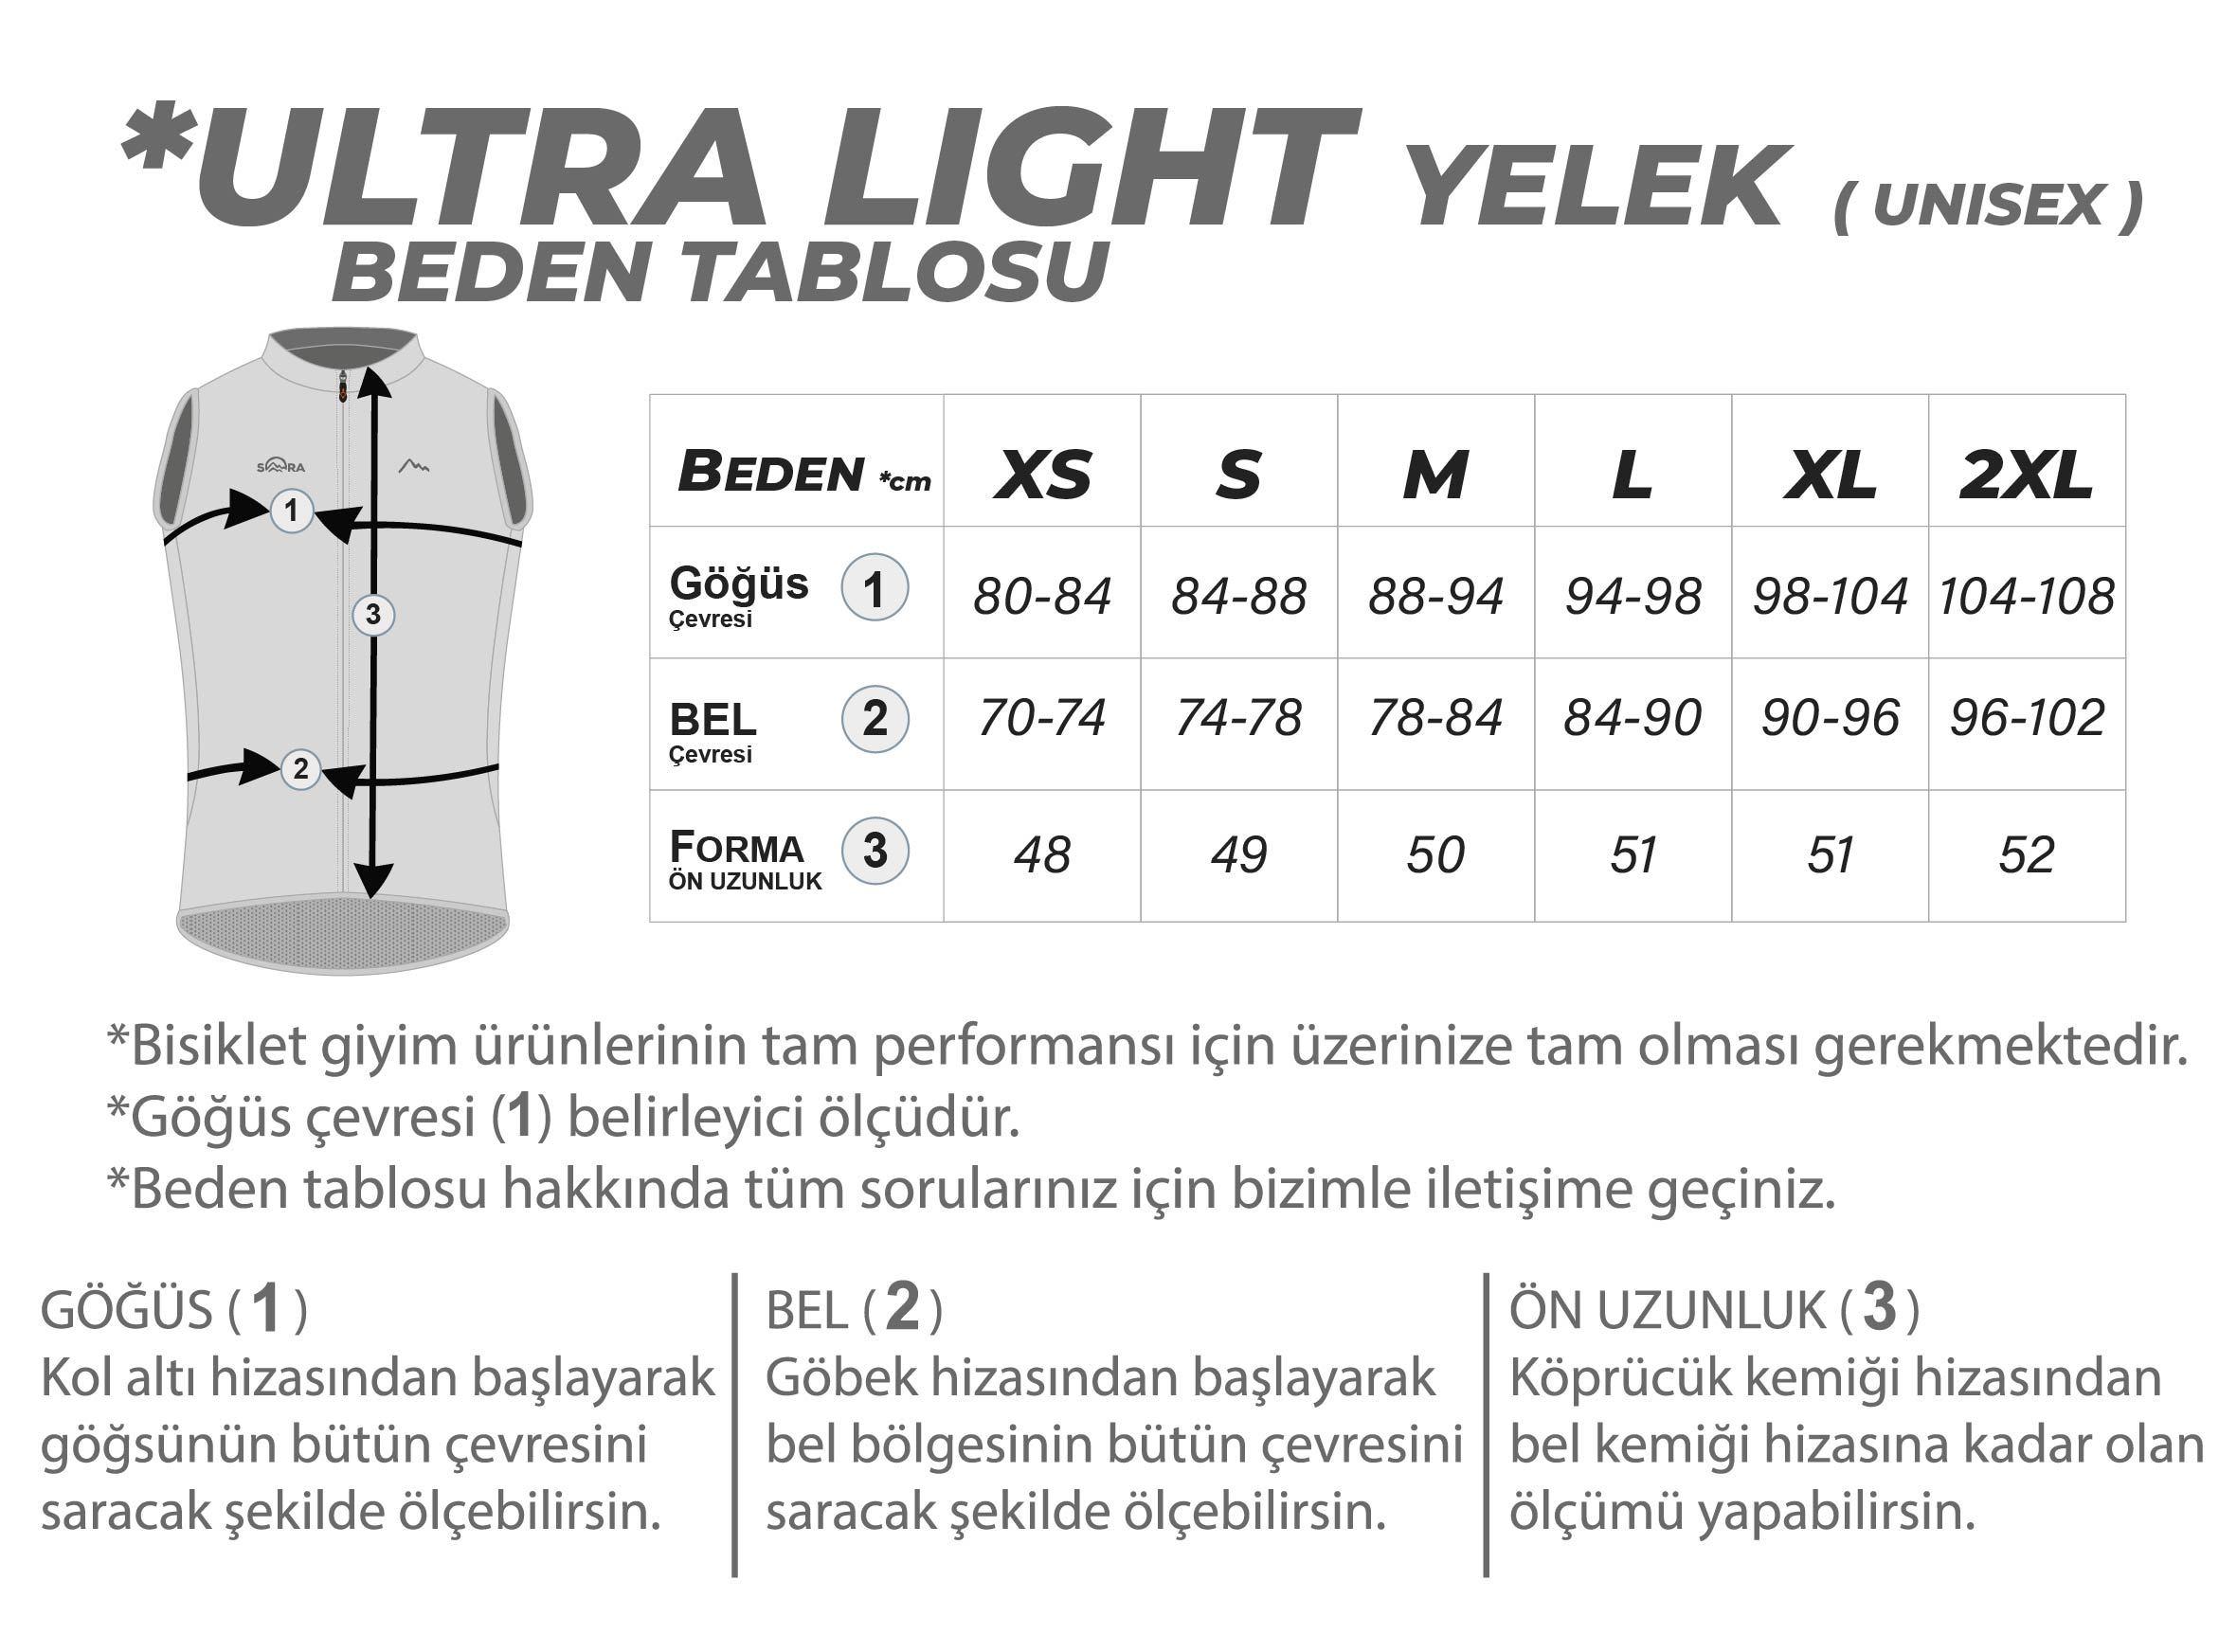 ultralight-yelek-bedentablosu.jpg (288 KB)